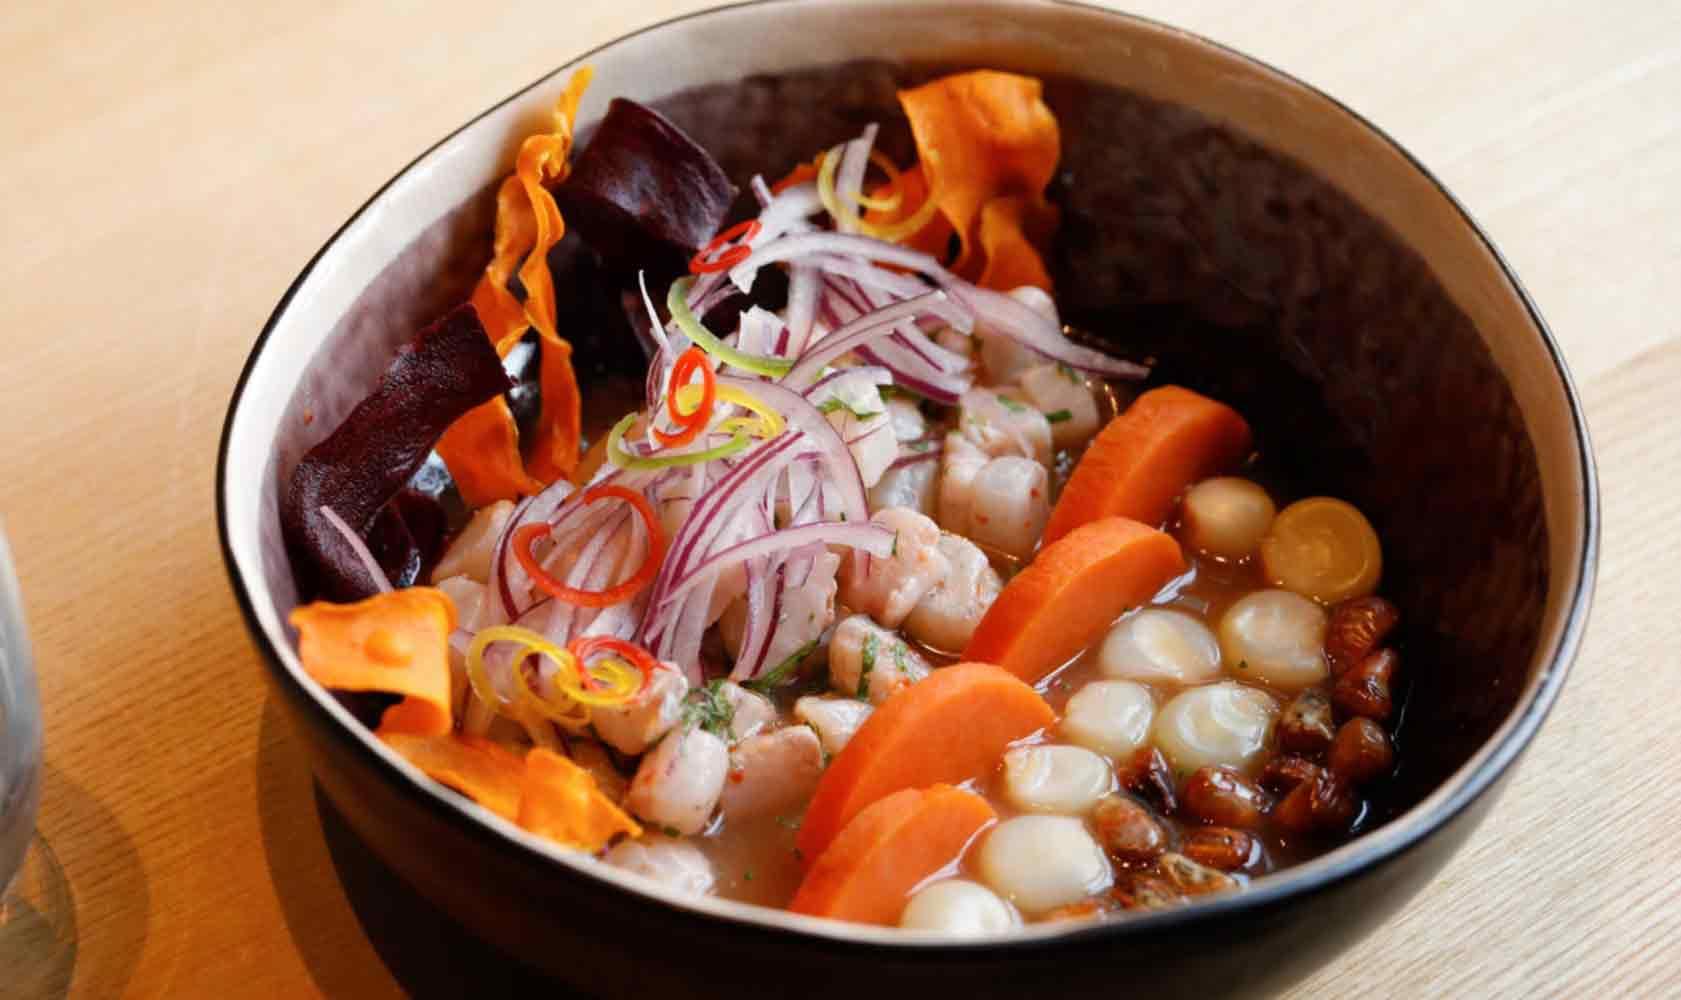 Das klassische Ceviche: zweierlei Mais, Süßkartoffel und Adlerfisch in Tigermilch